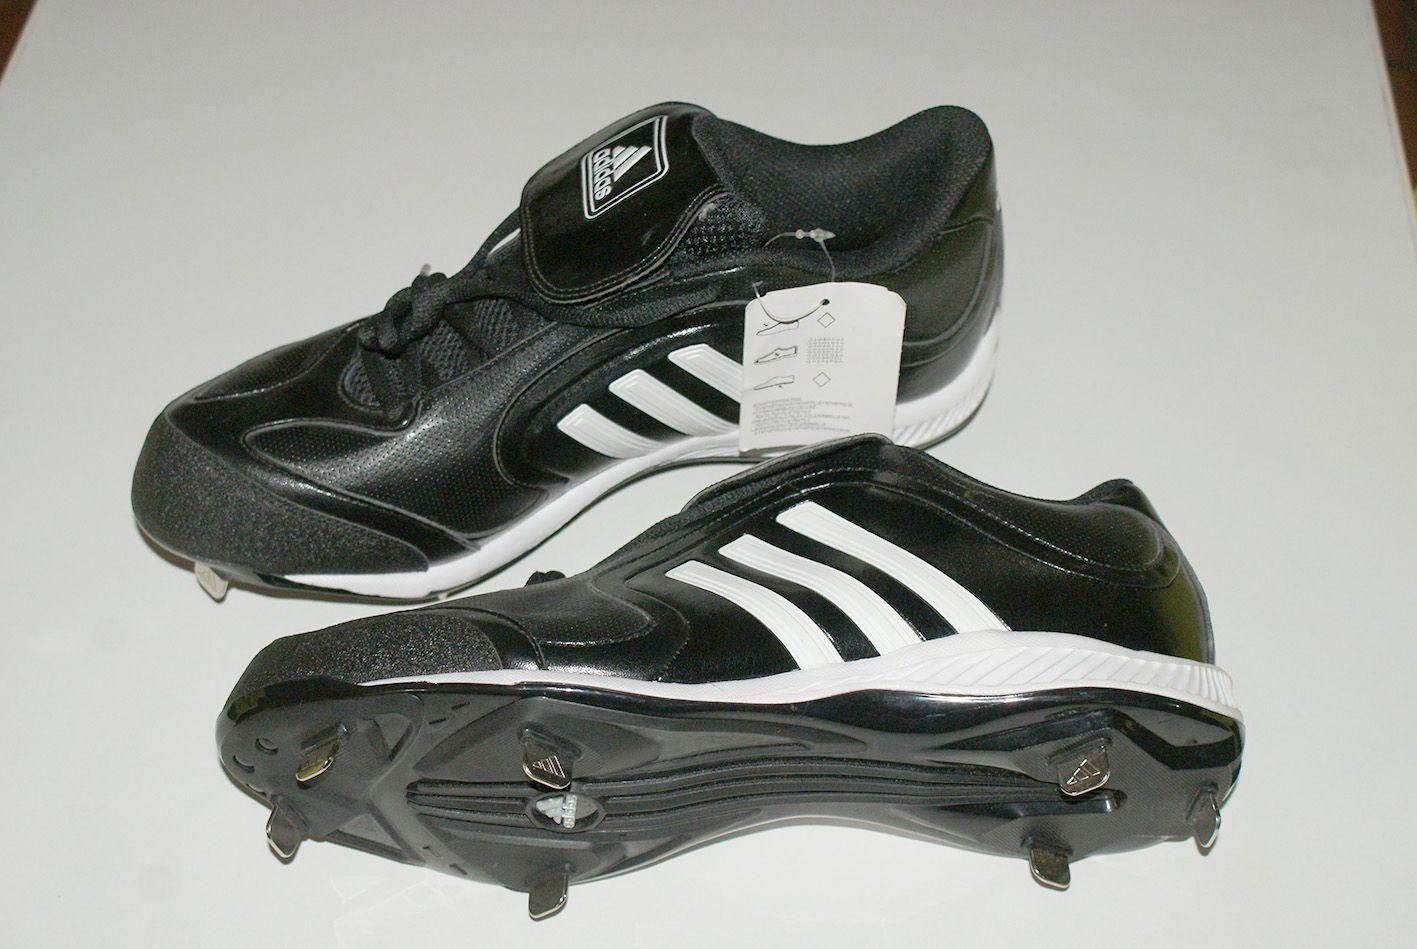 timeless design b8c68 9ae7e Vendo zapatos para beisbol. Marca Adidas originales. Completamente nuevos.  Interesados enviar email a  dmentecreativa gmail.com